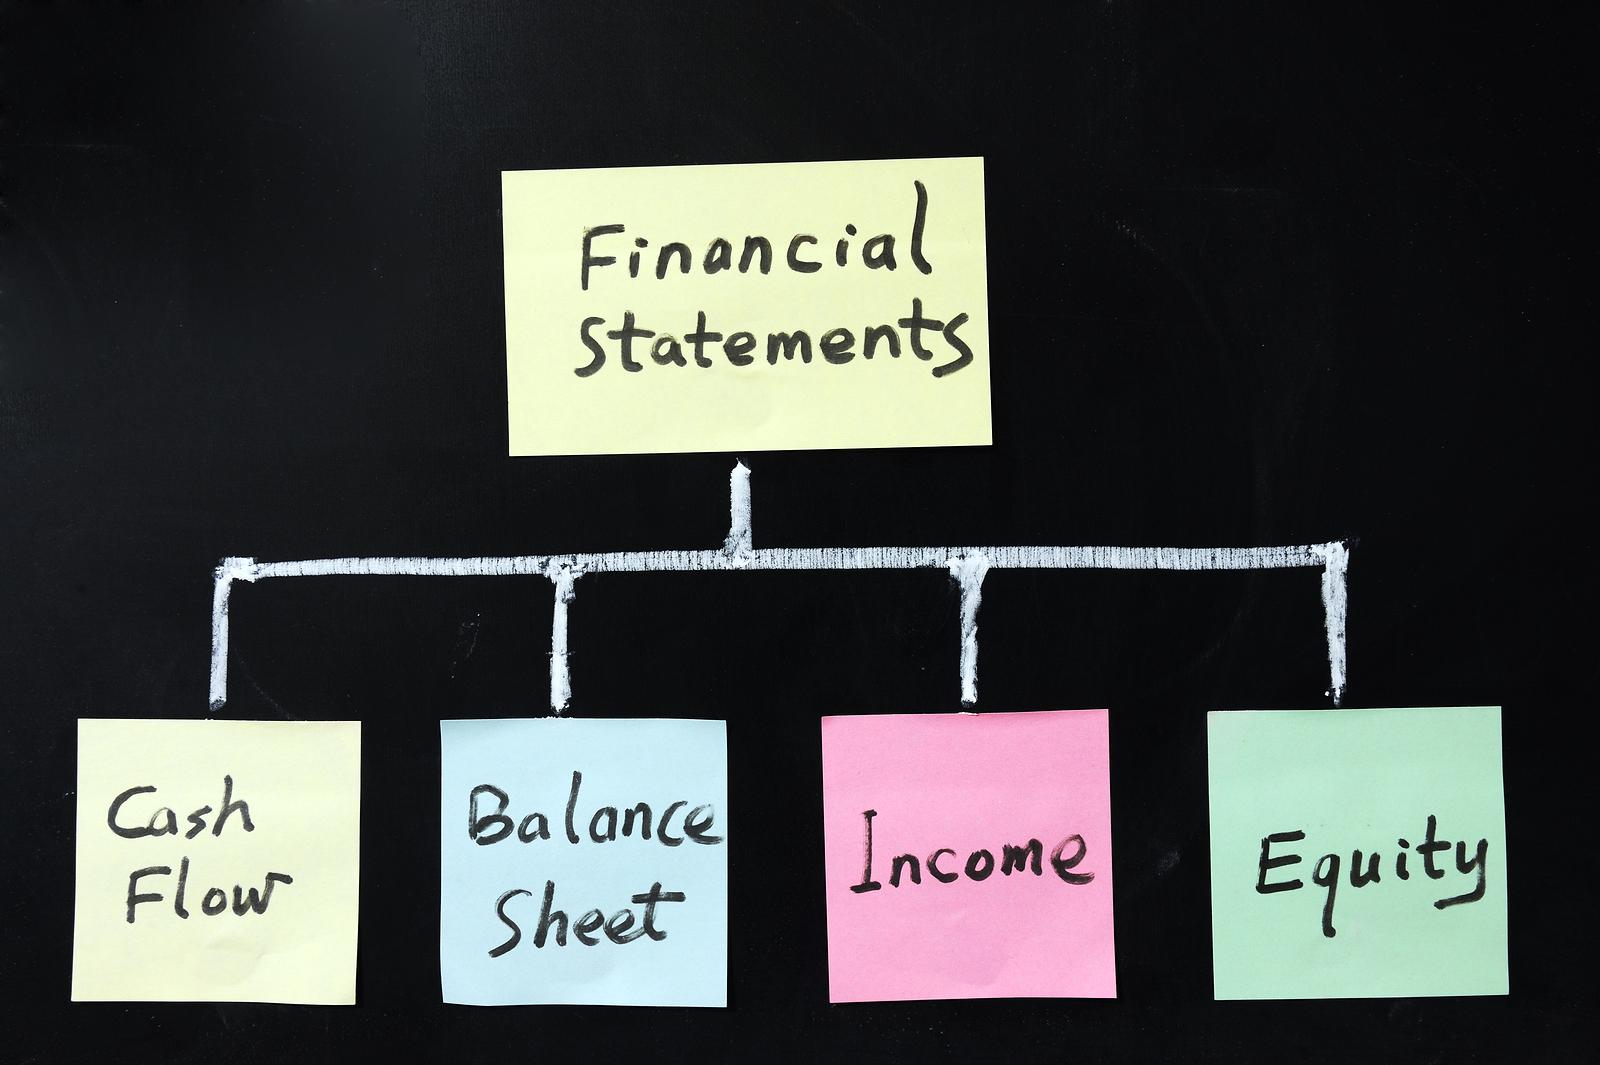 3_Financial_Statements.jpg